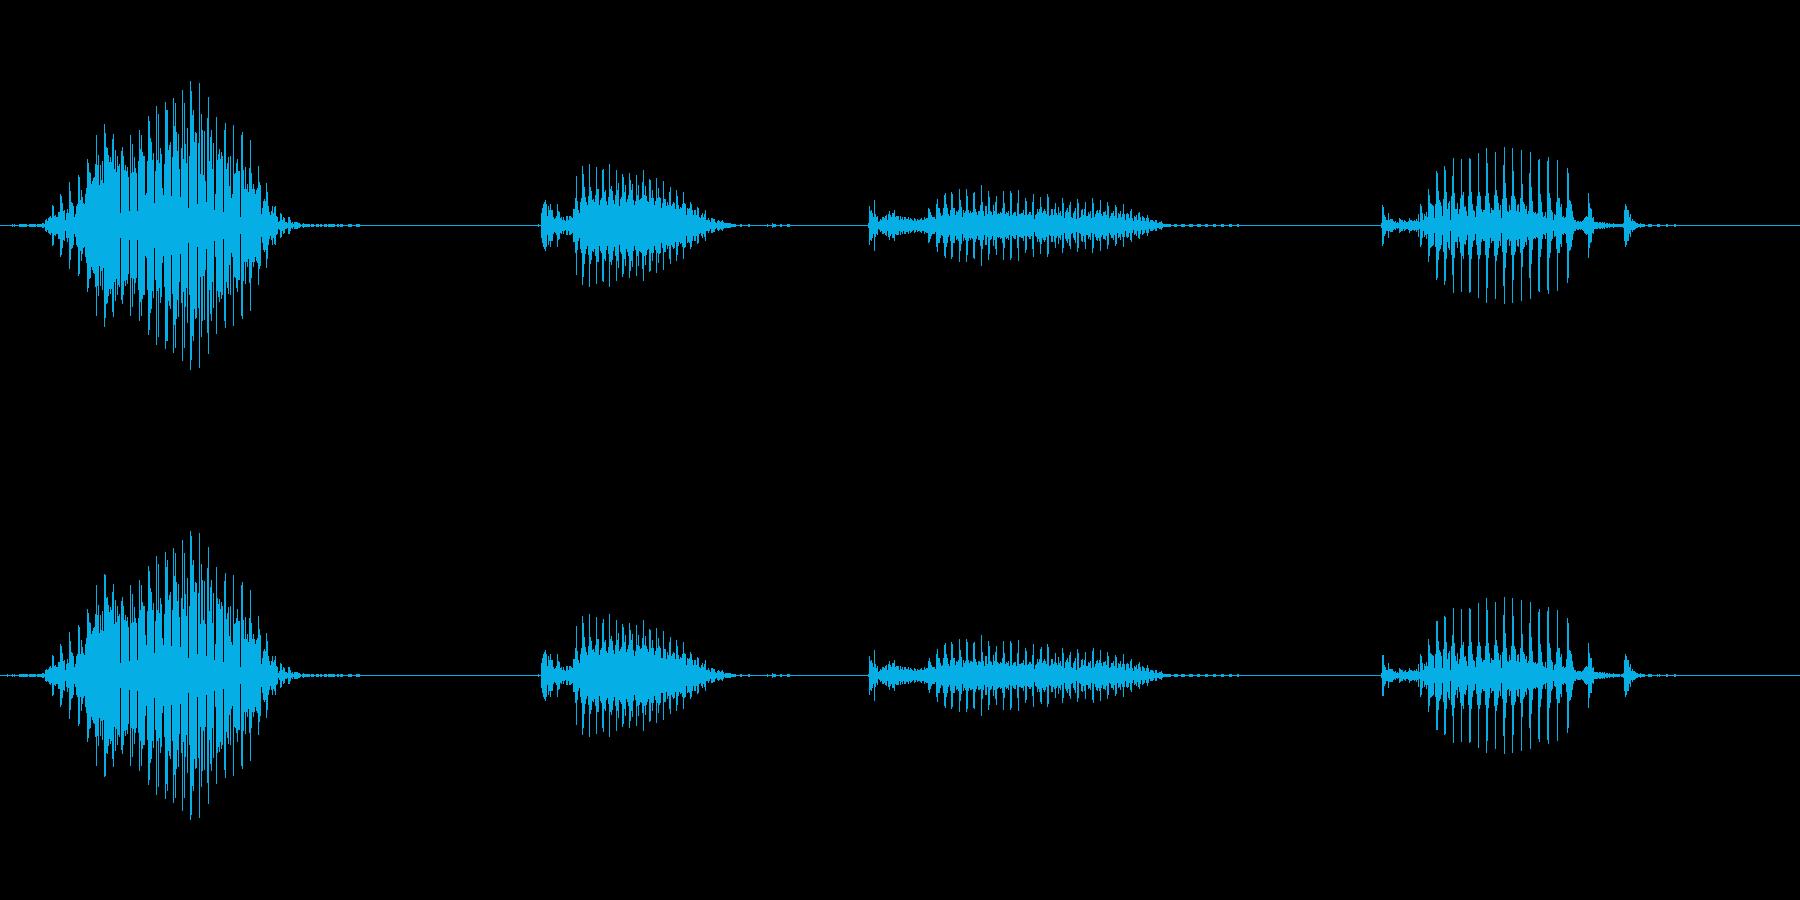 【日数・経過】4日経過の再生済みの波形